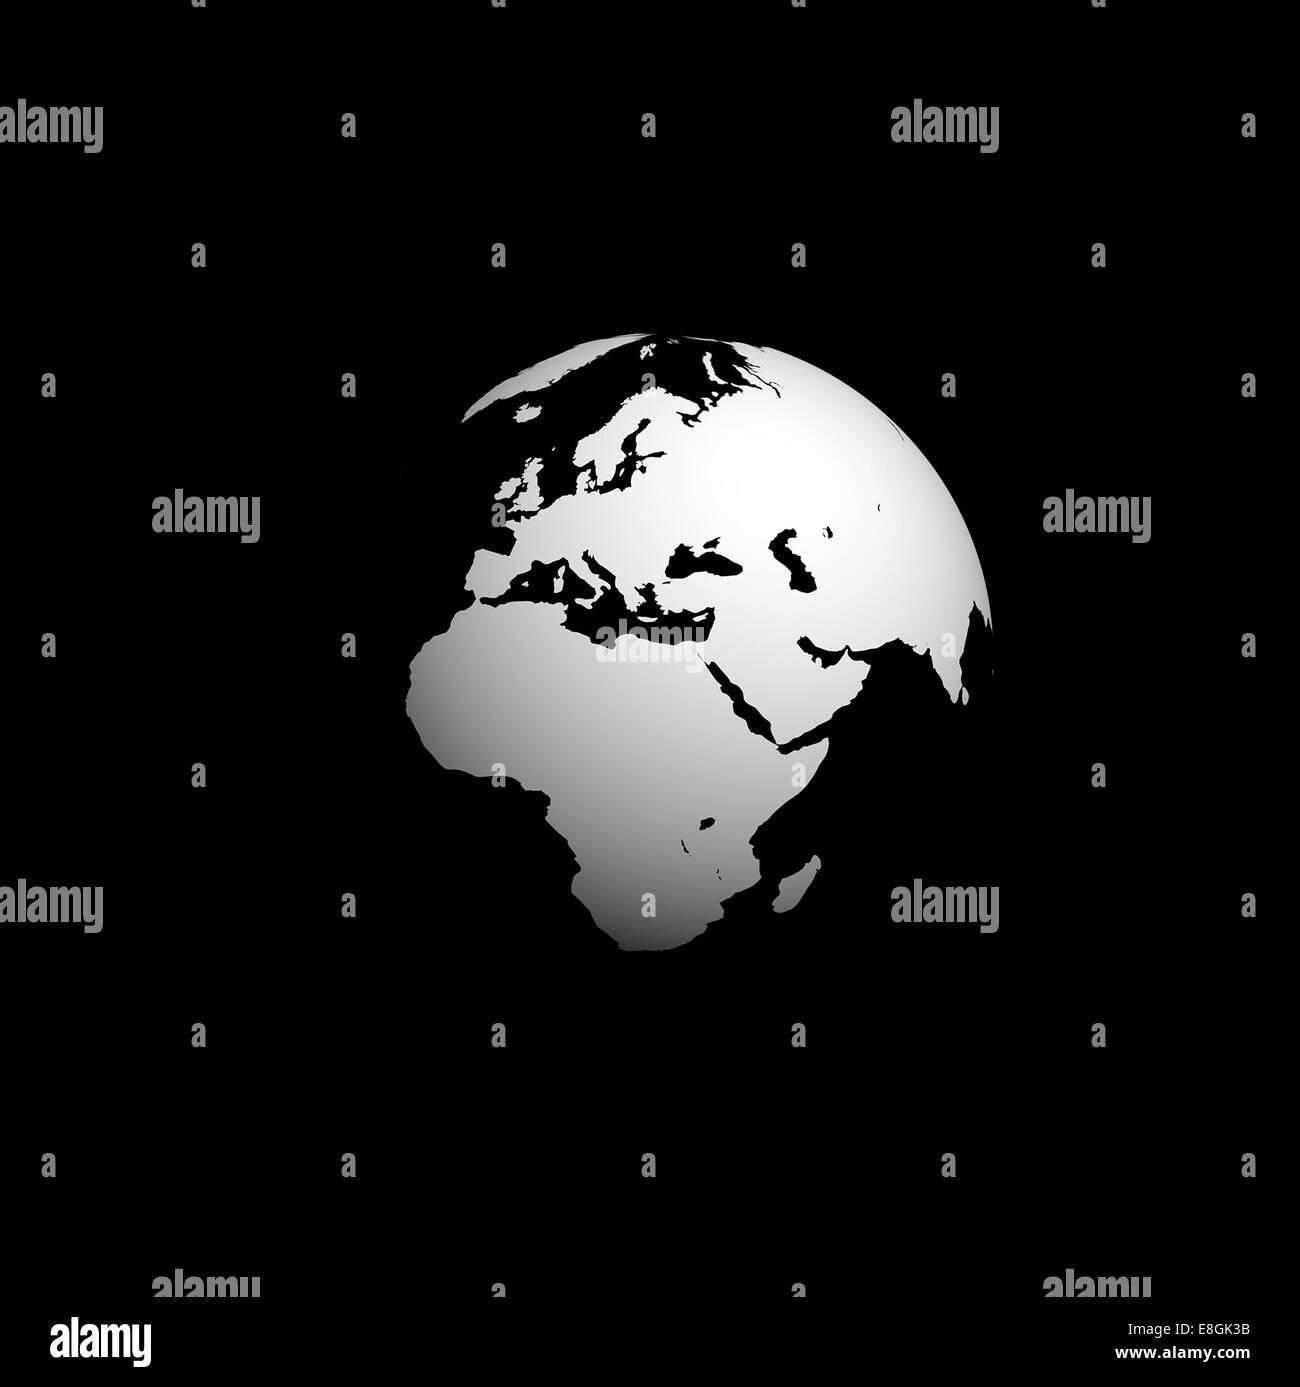 Digital erzeugte Bild des Planetenerde, schwarz / weiß Welt Stockbild